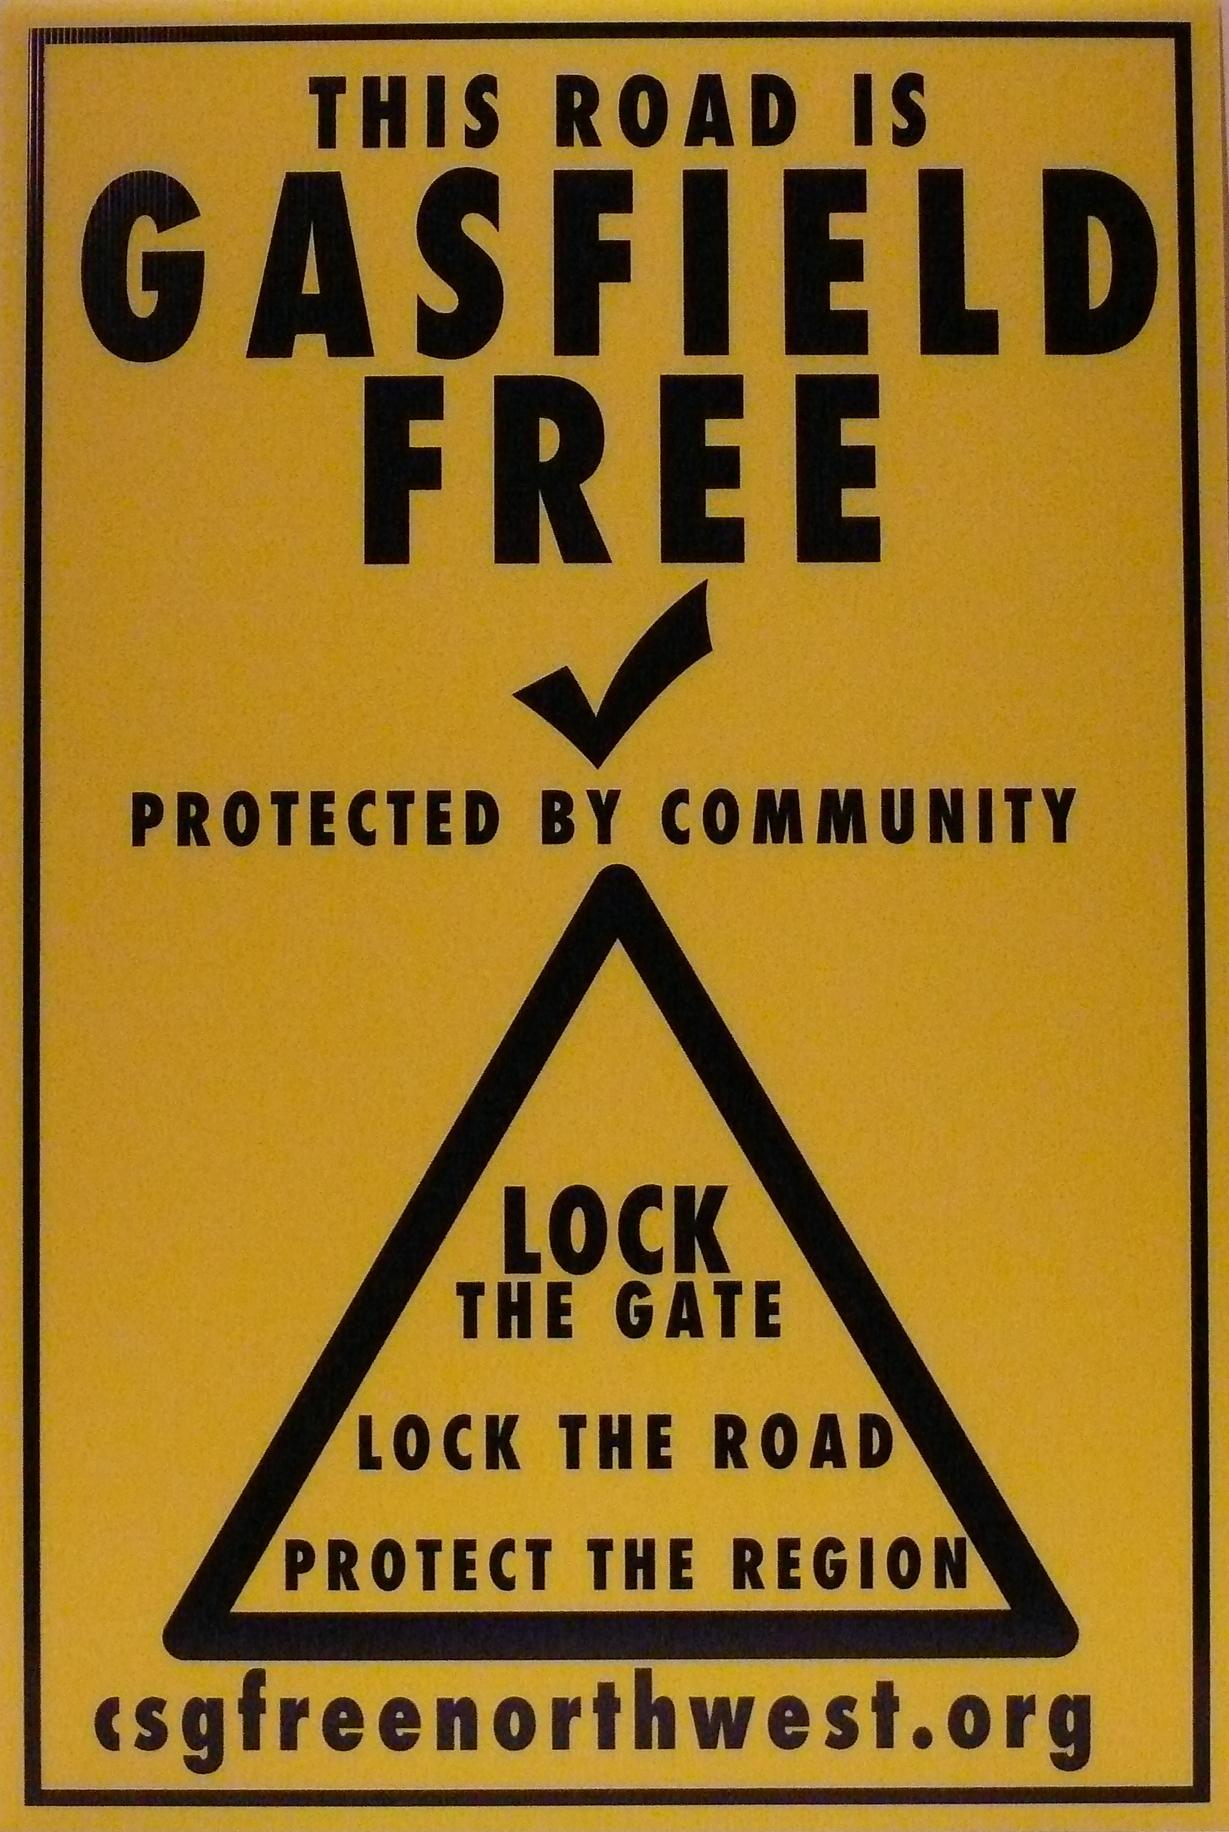 Northwest Gasfield Free